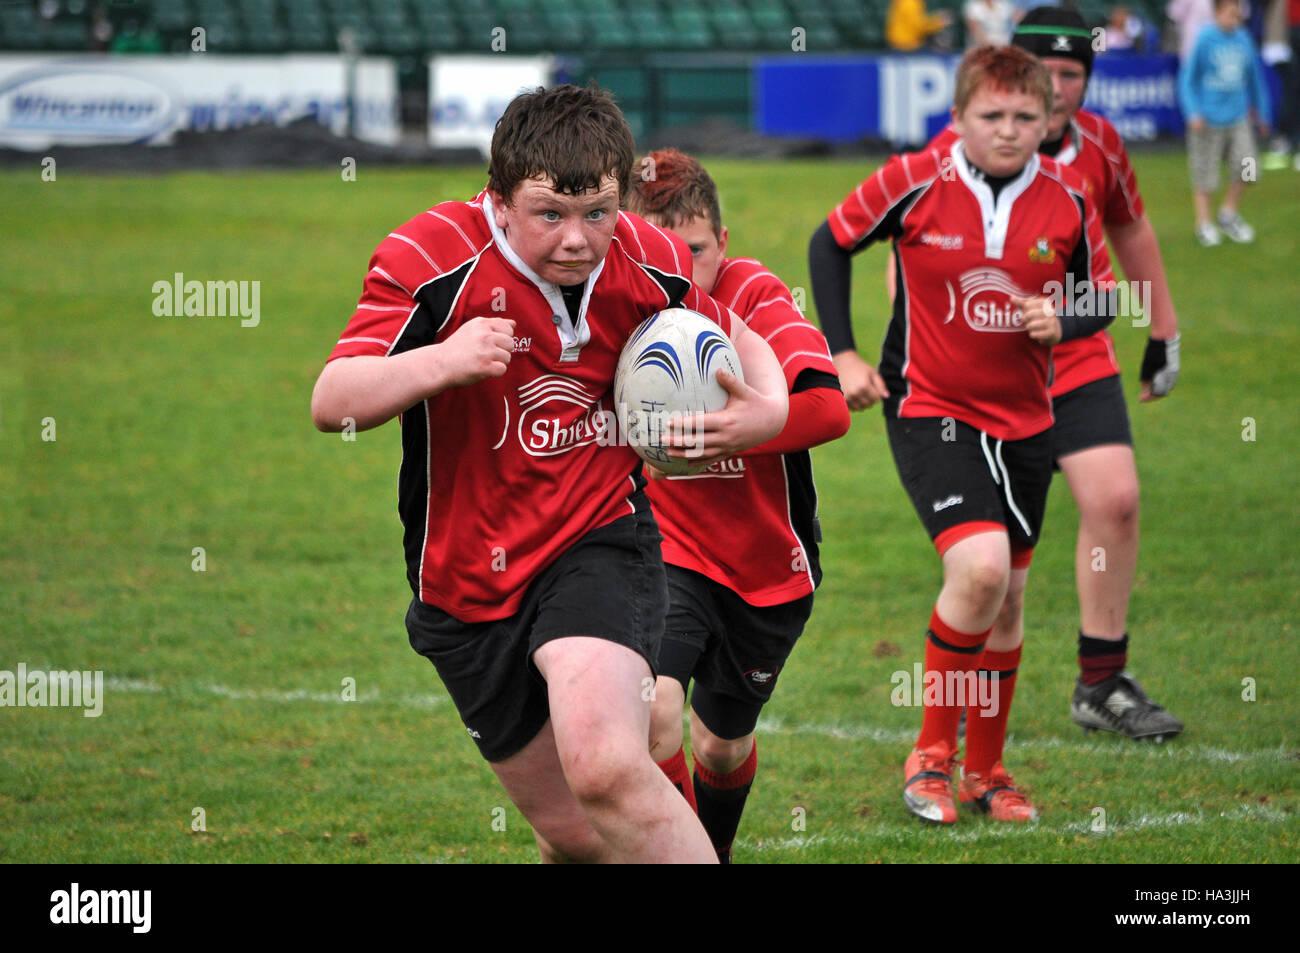 Ragazzi adolescenti giocando a rugby Immagini Stock